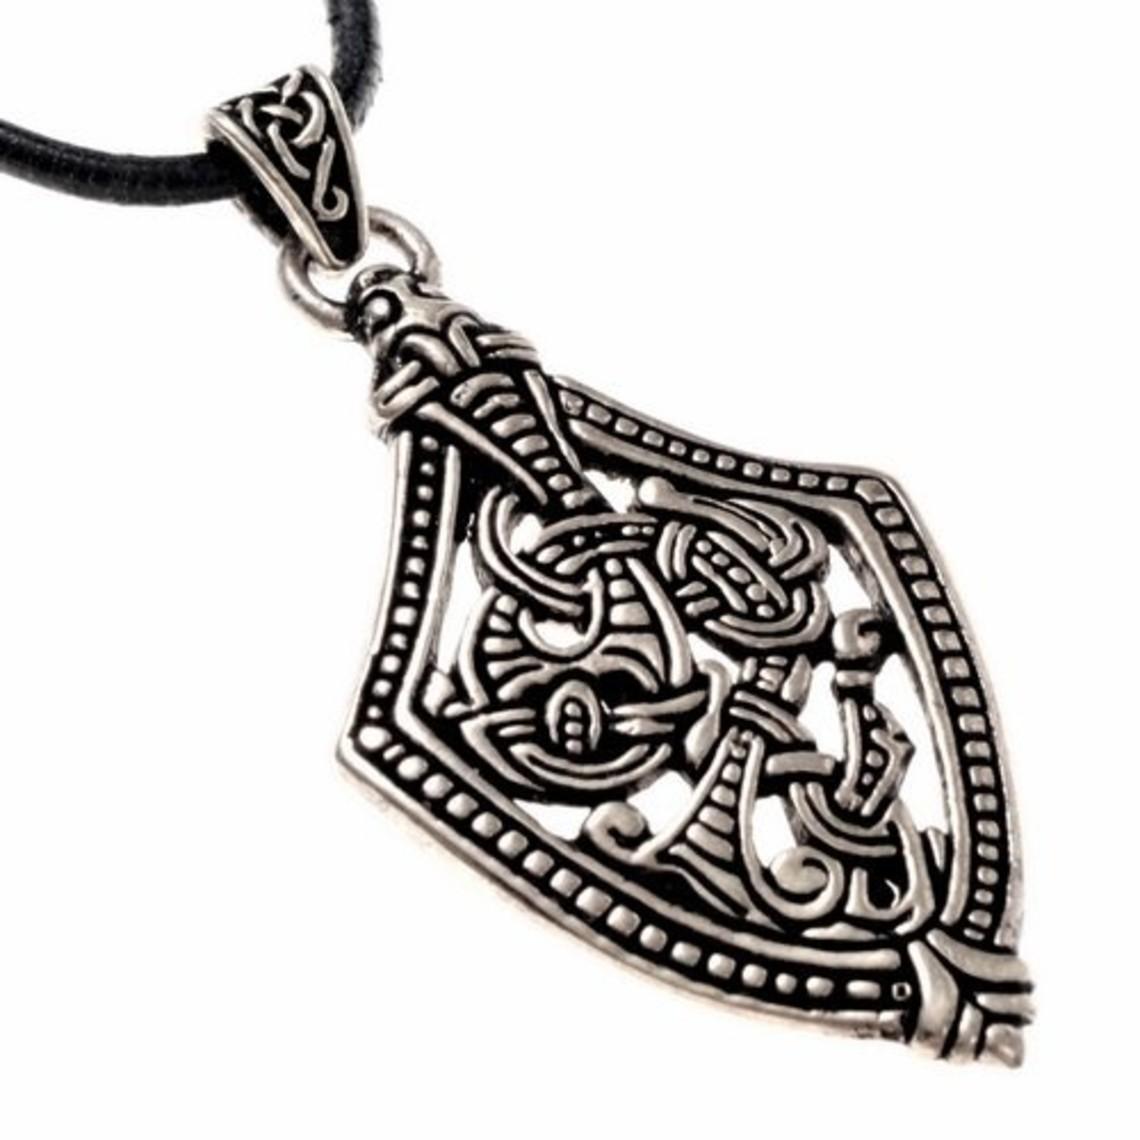 Borre Stil Schwert chape Juwel, versilbert